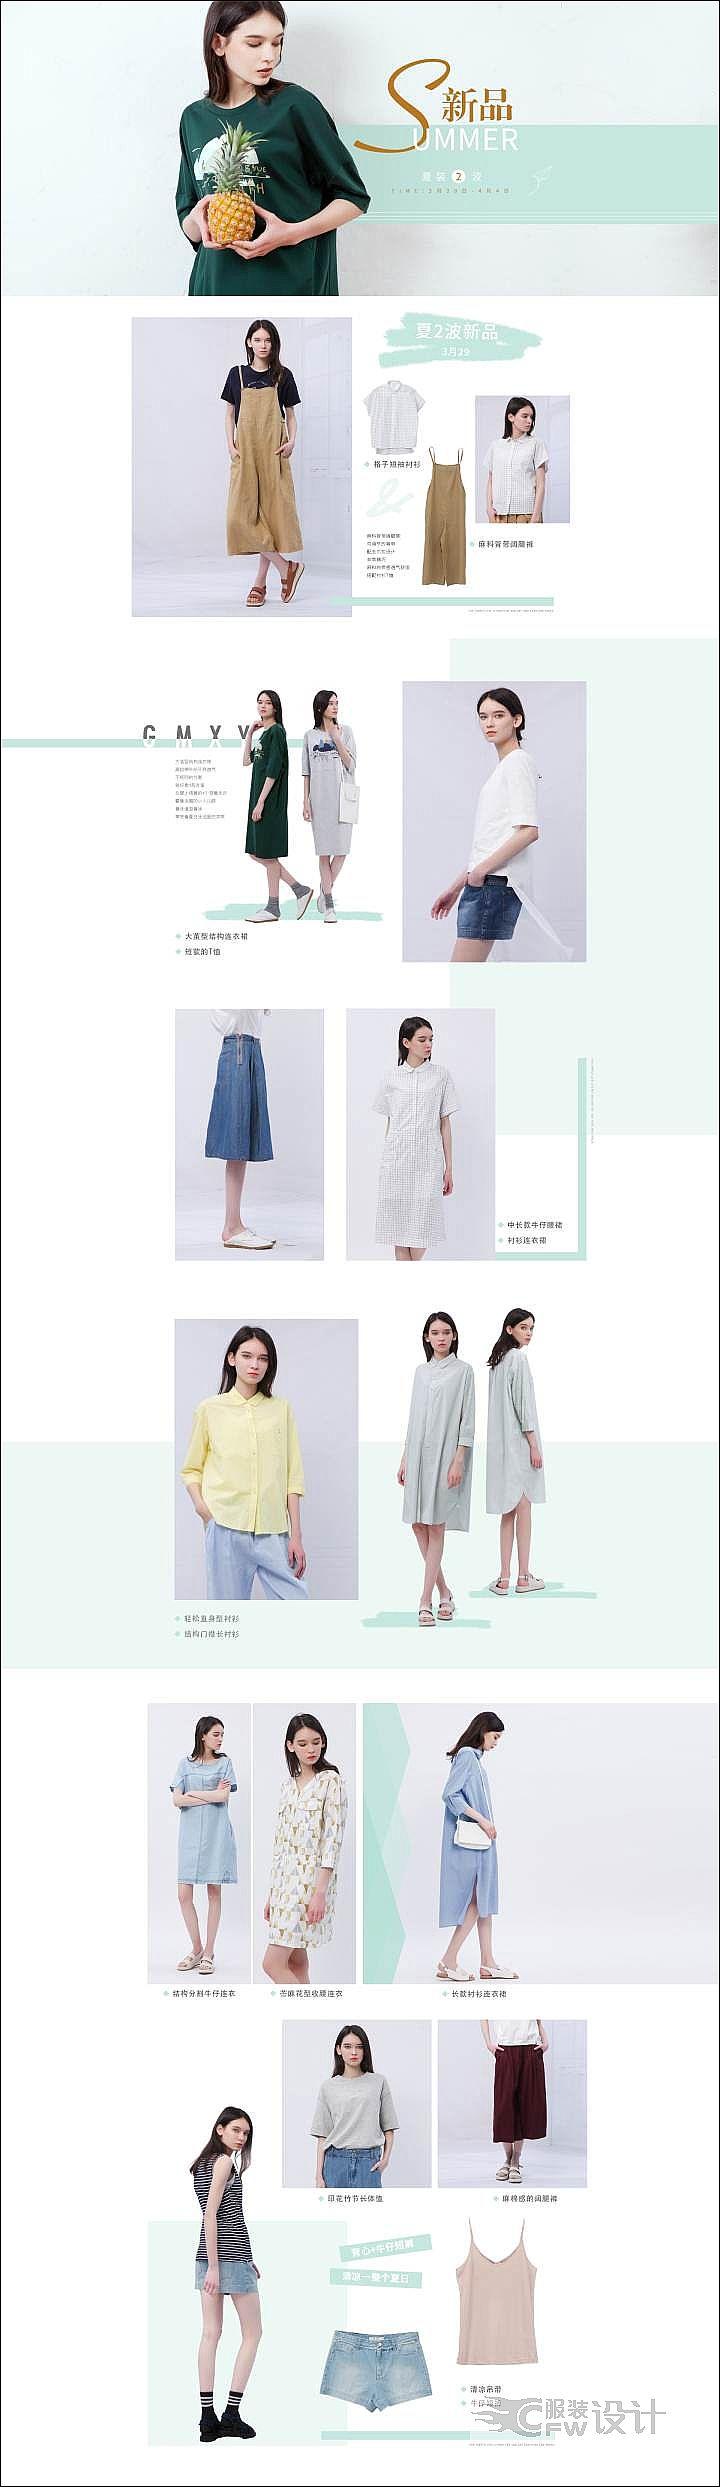 上新页面排版设计-其它设计设计-服装设计